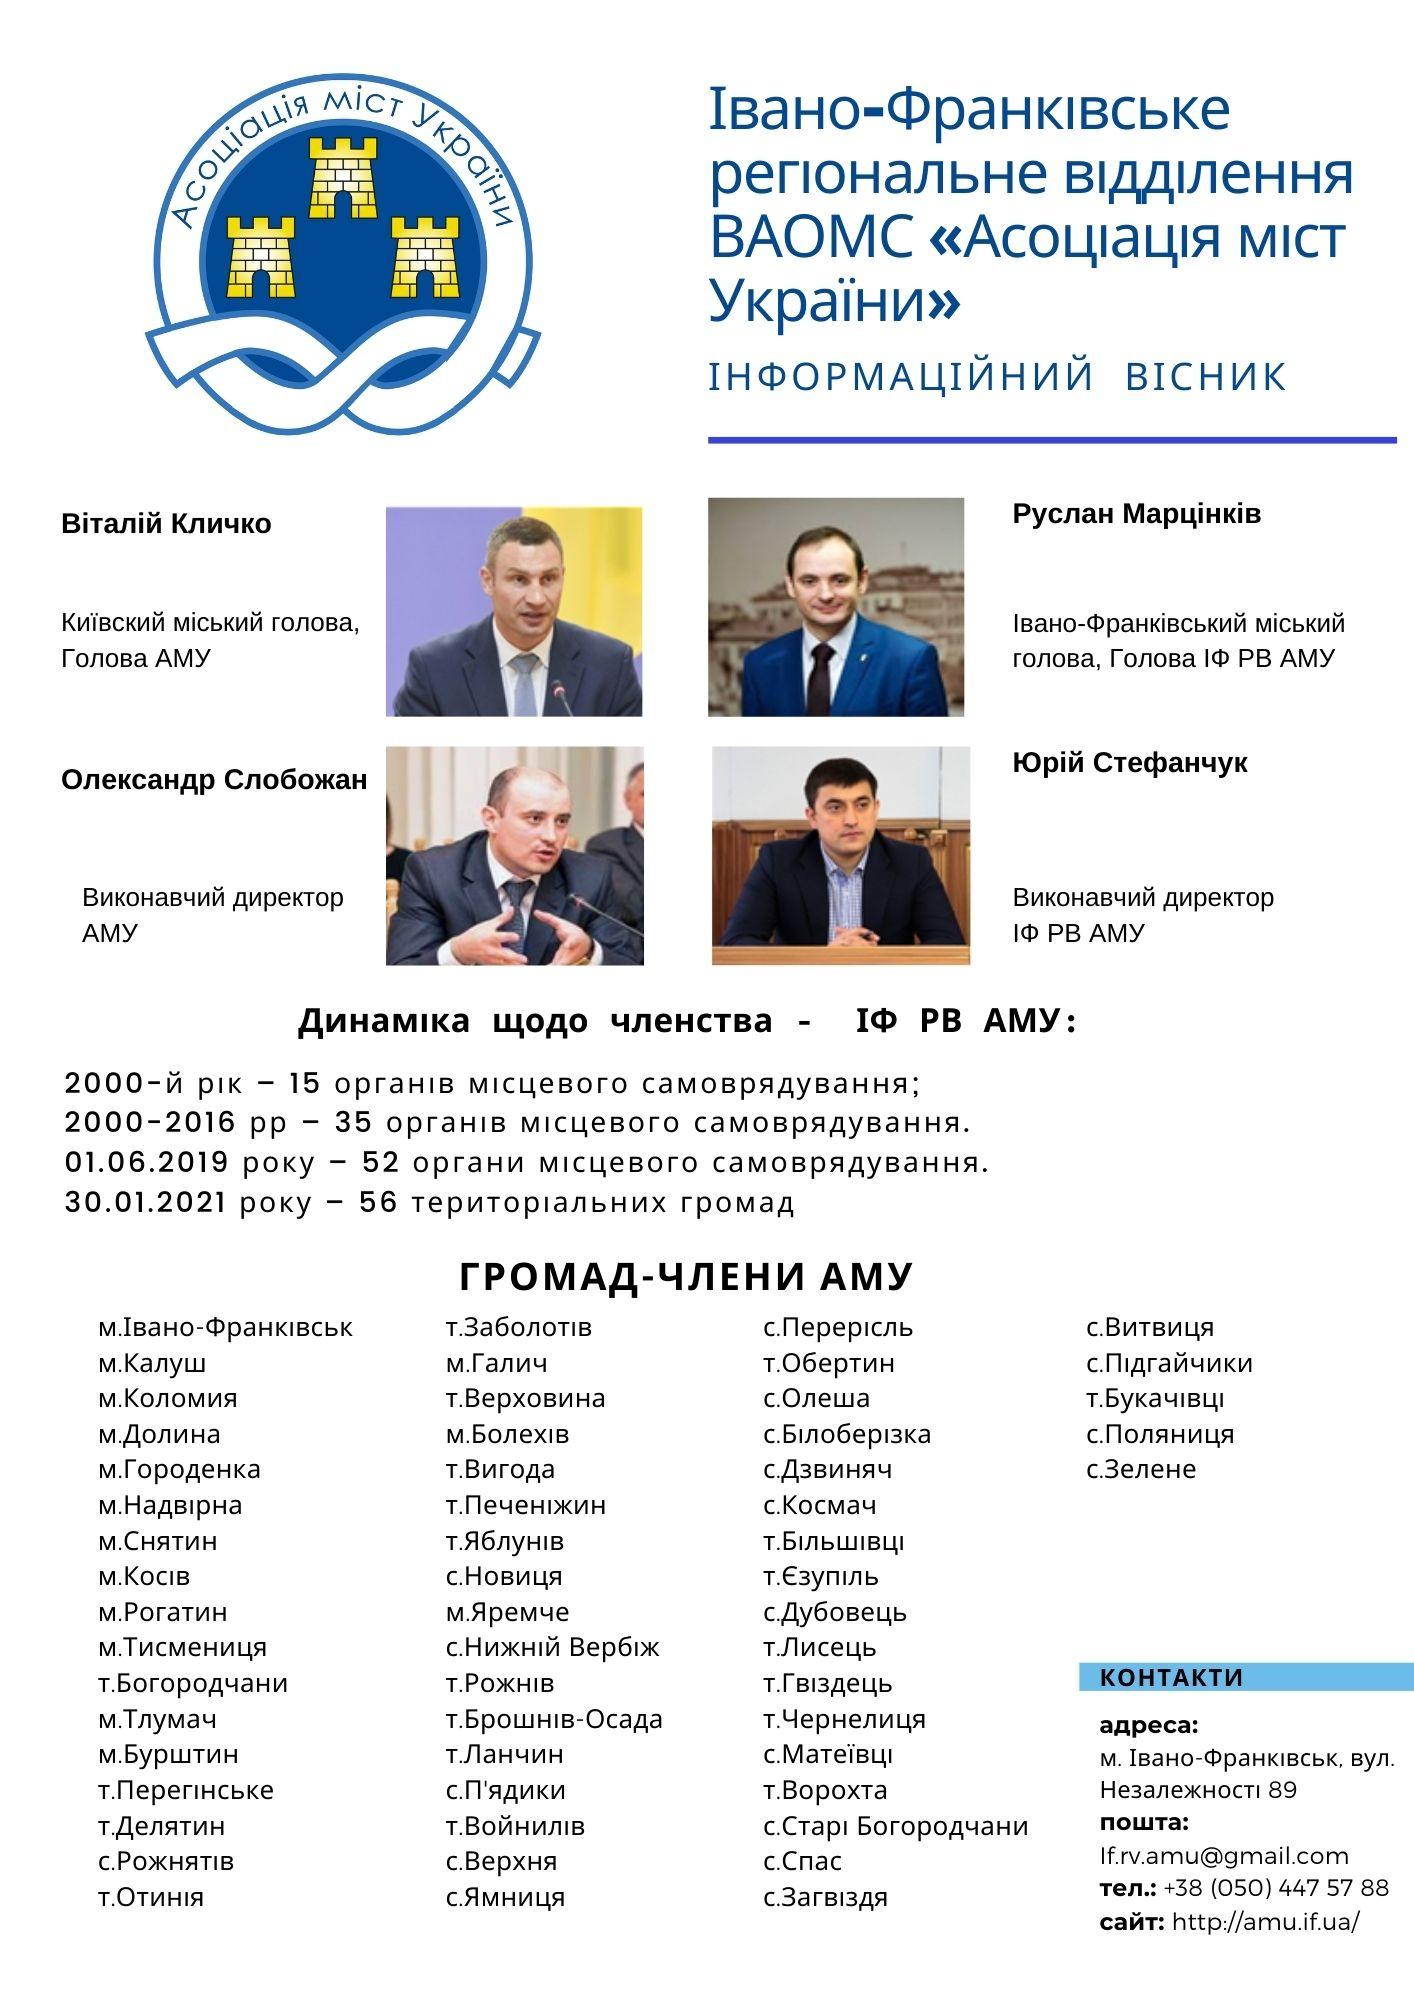 Вісник ІФ РВ АМУ